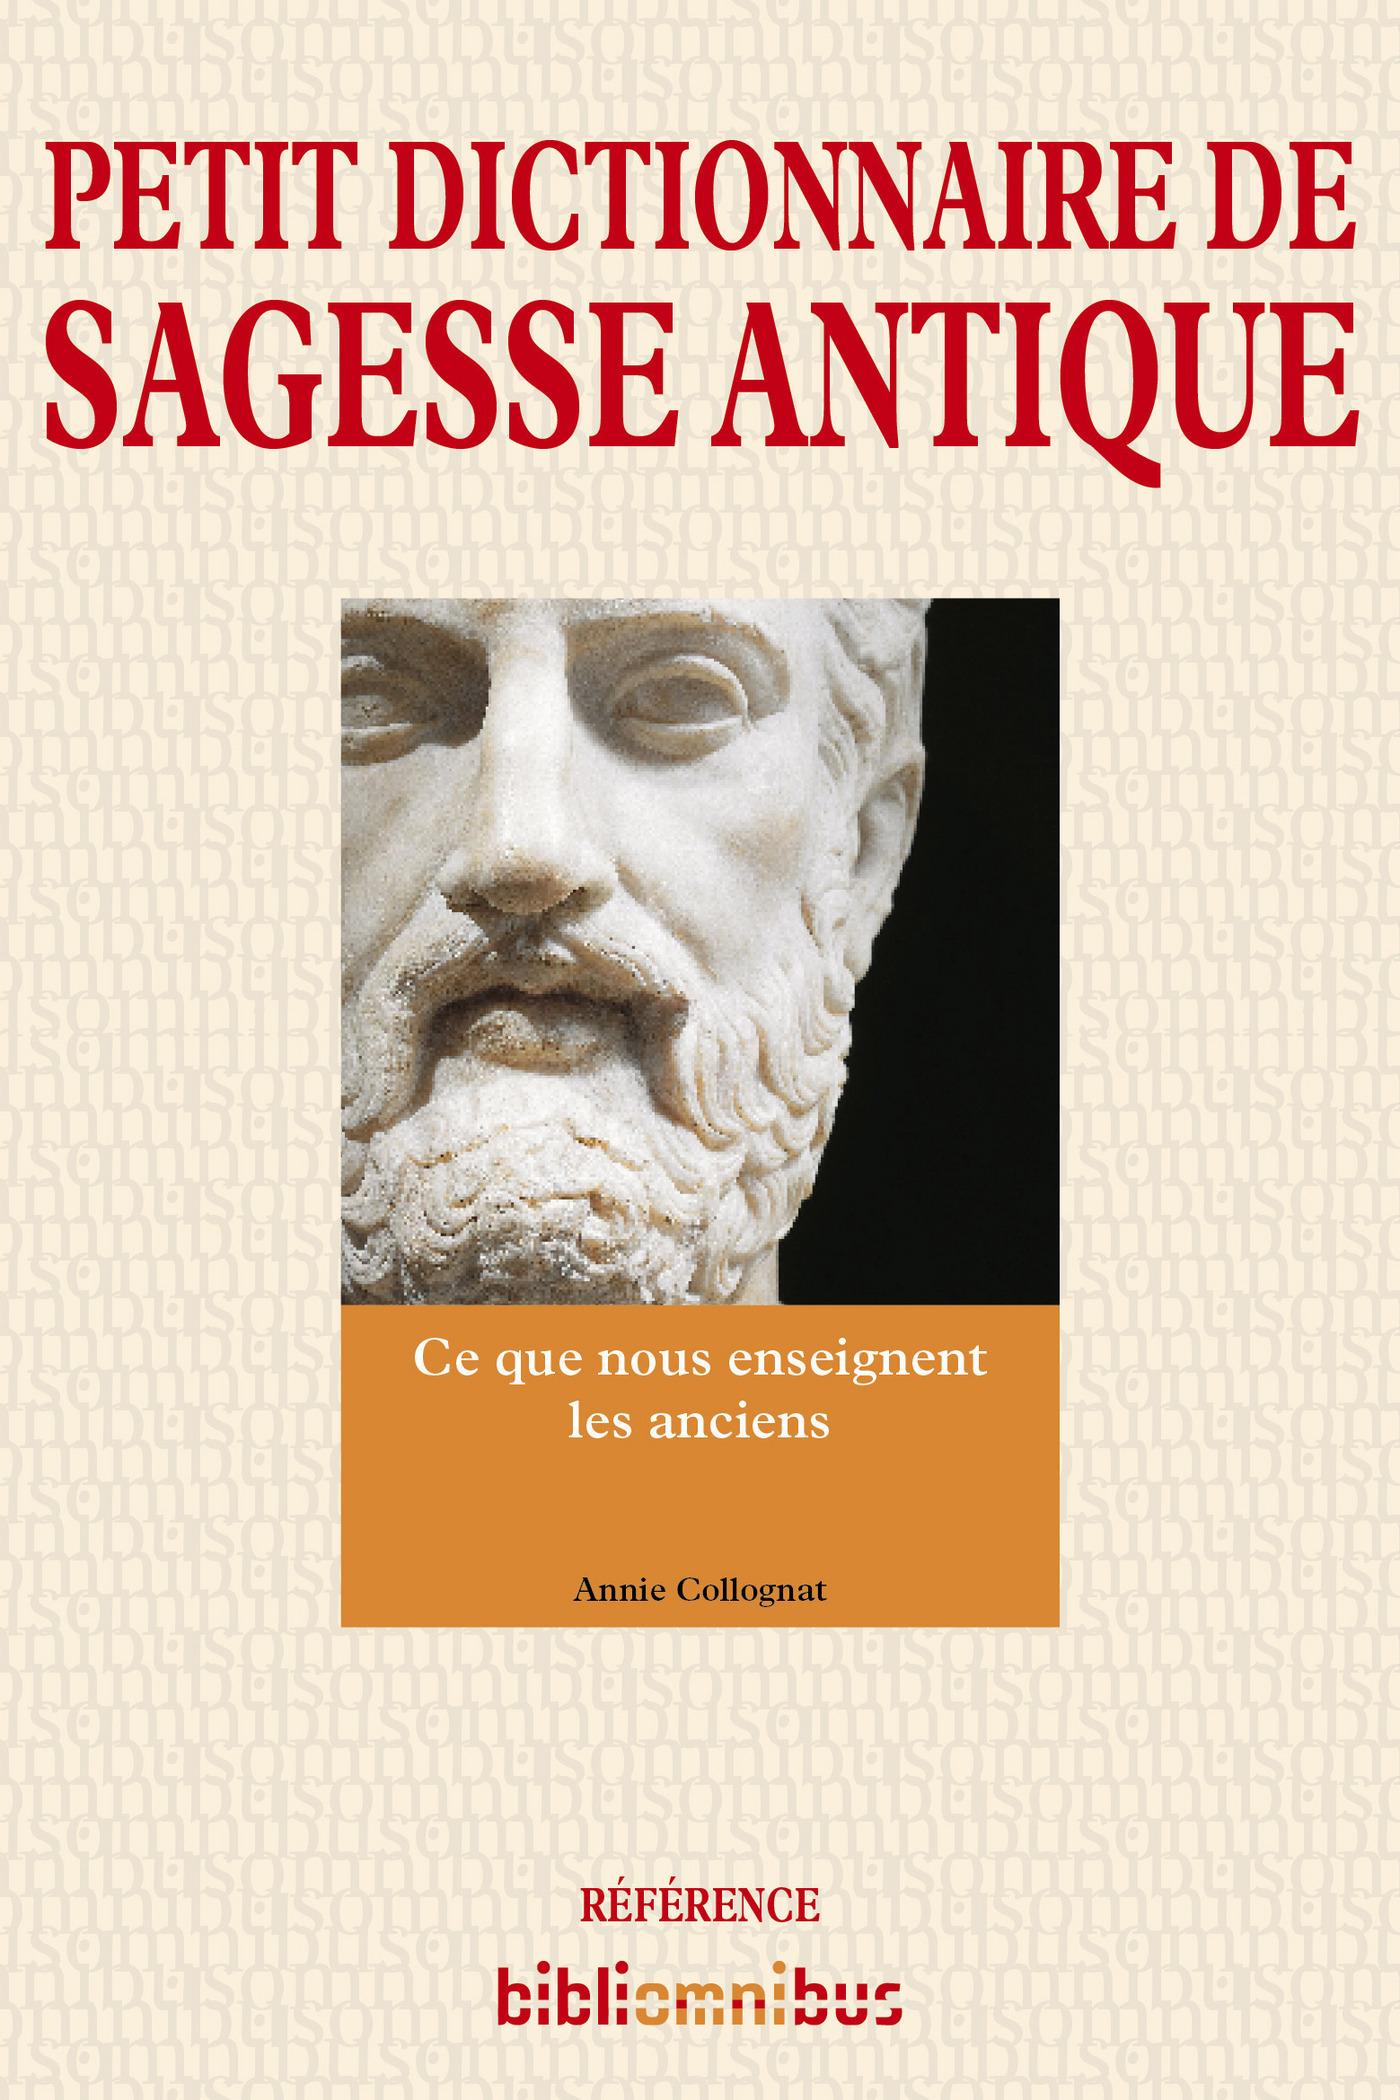 Petit dictionnaire de sagesse antique (ebook)